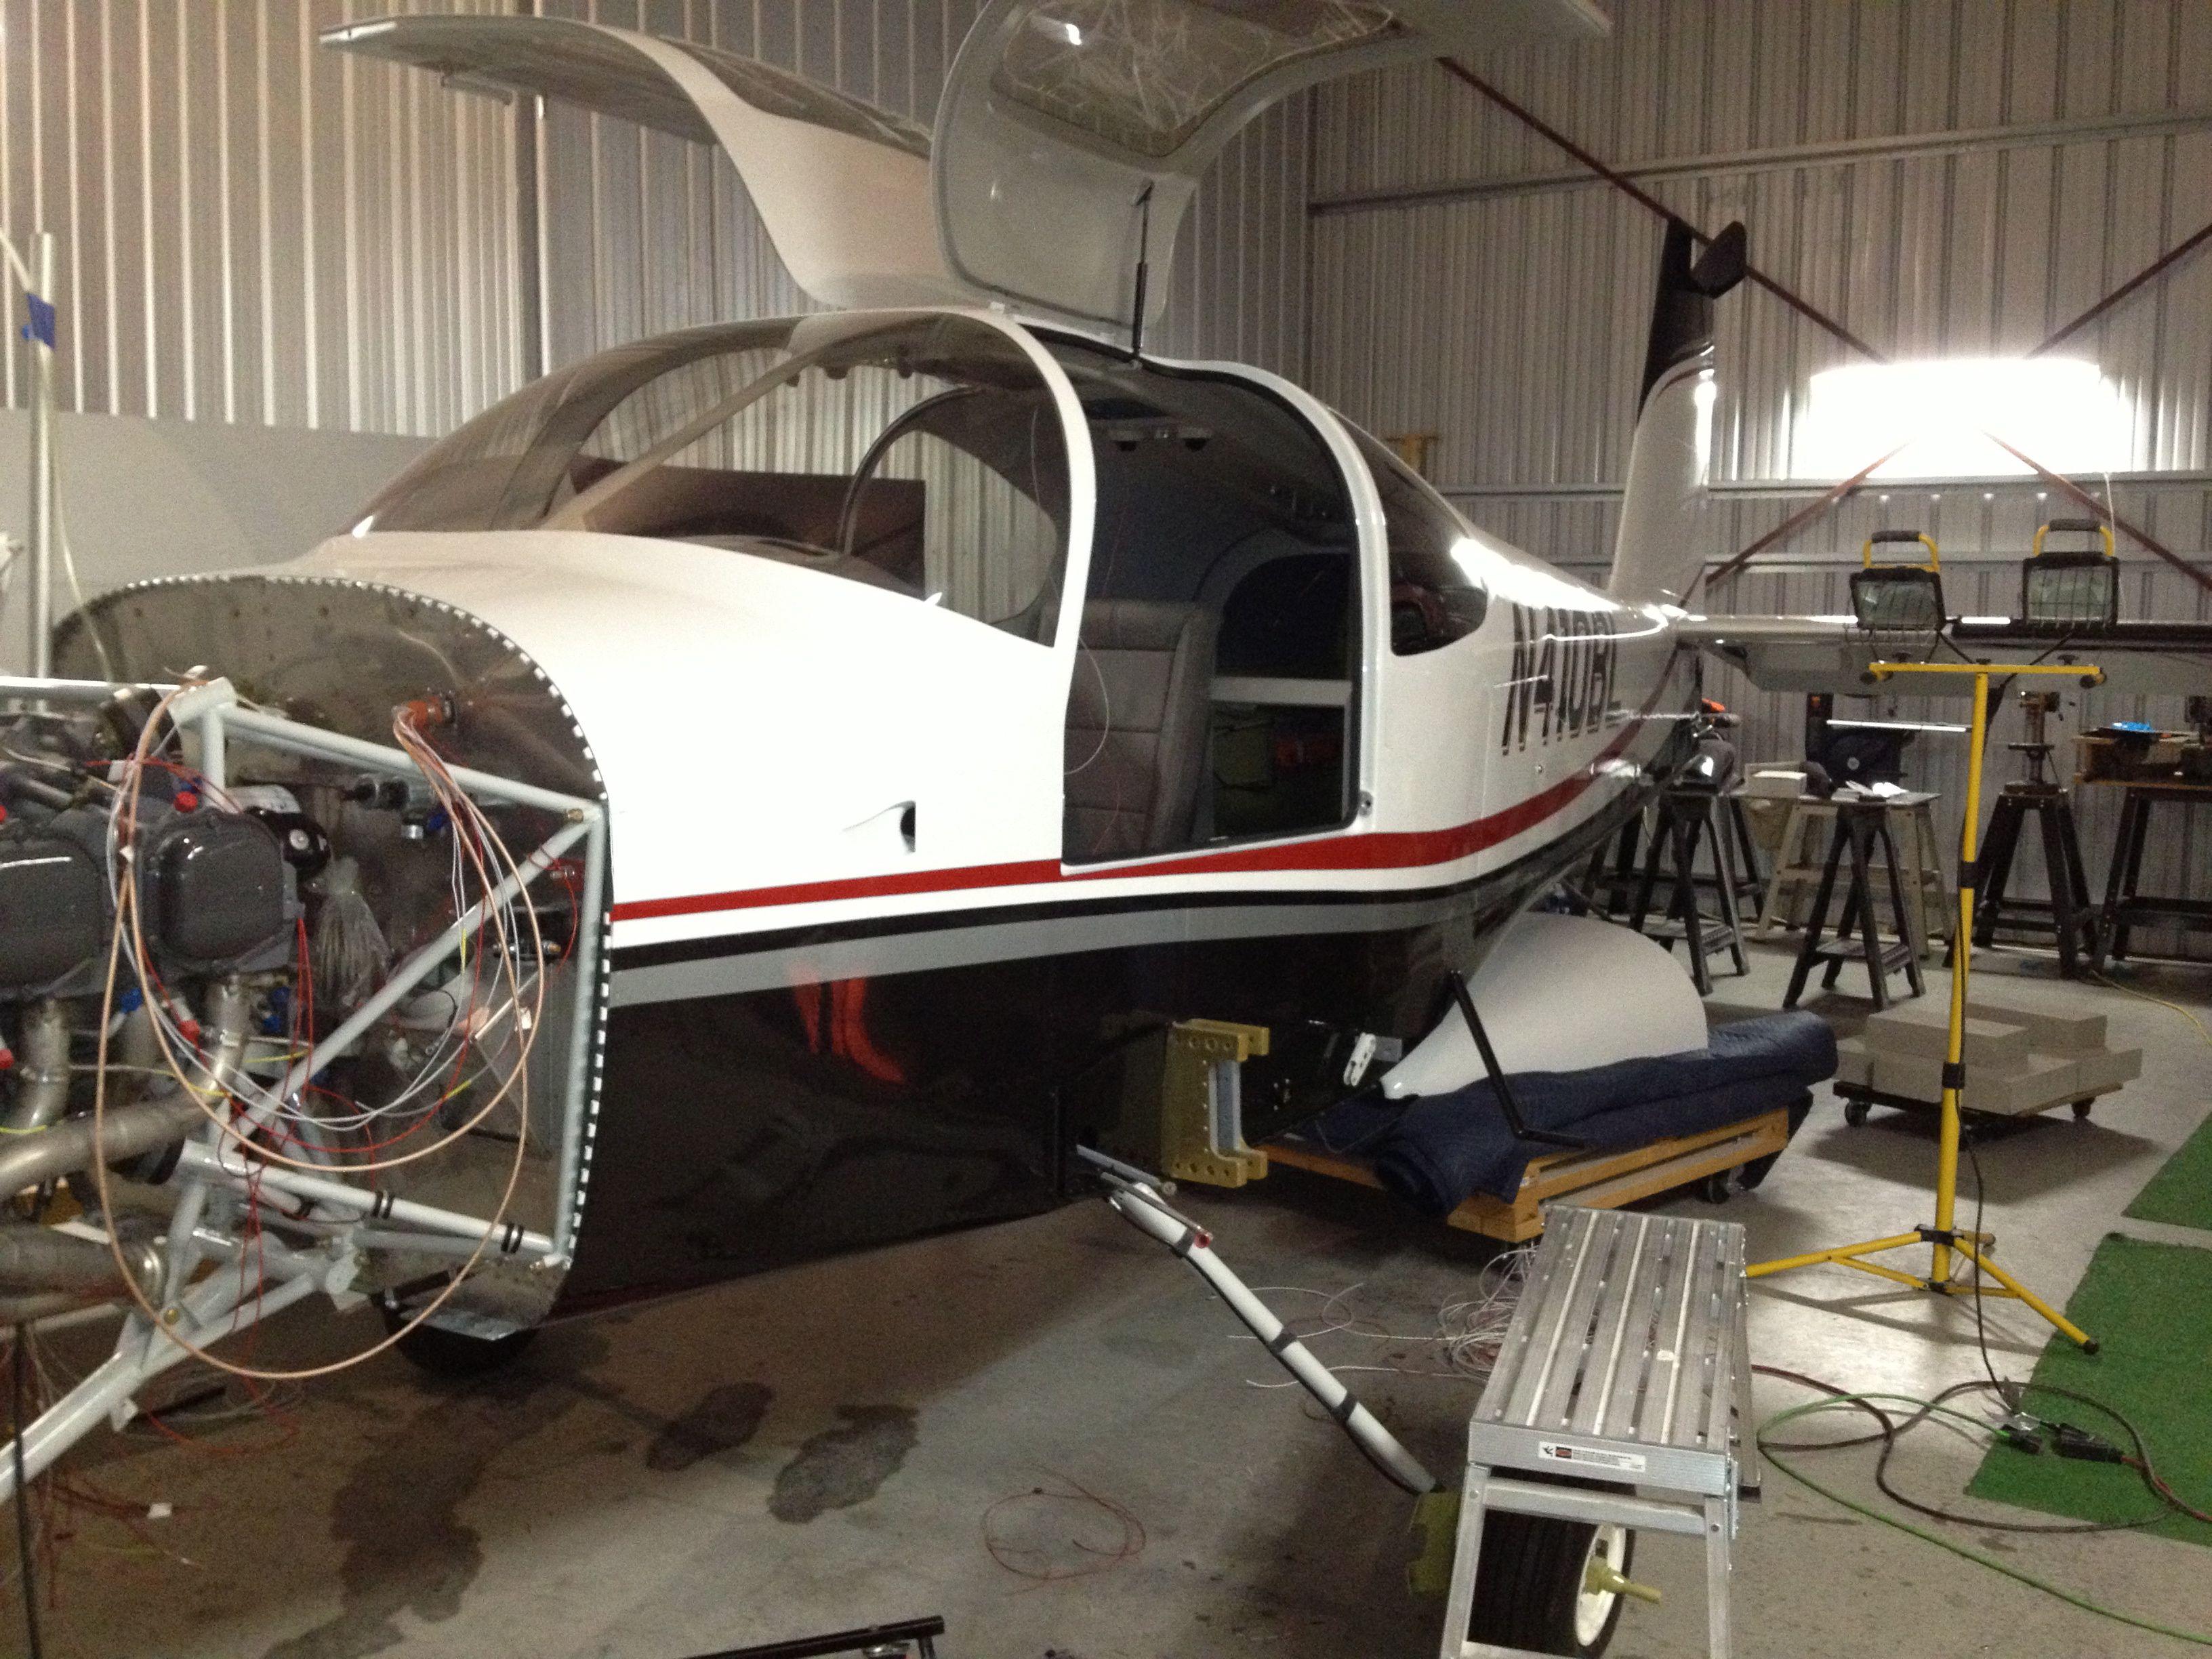 Kitplane